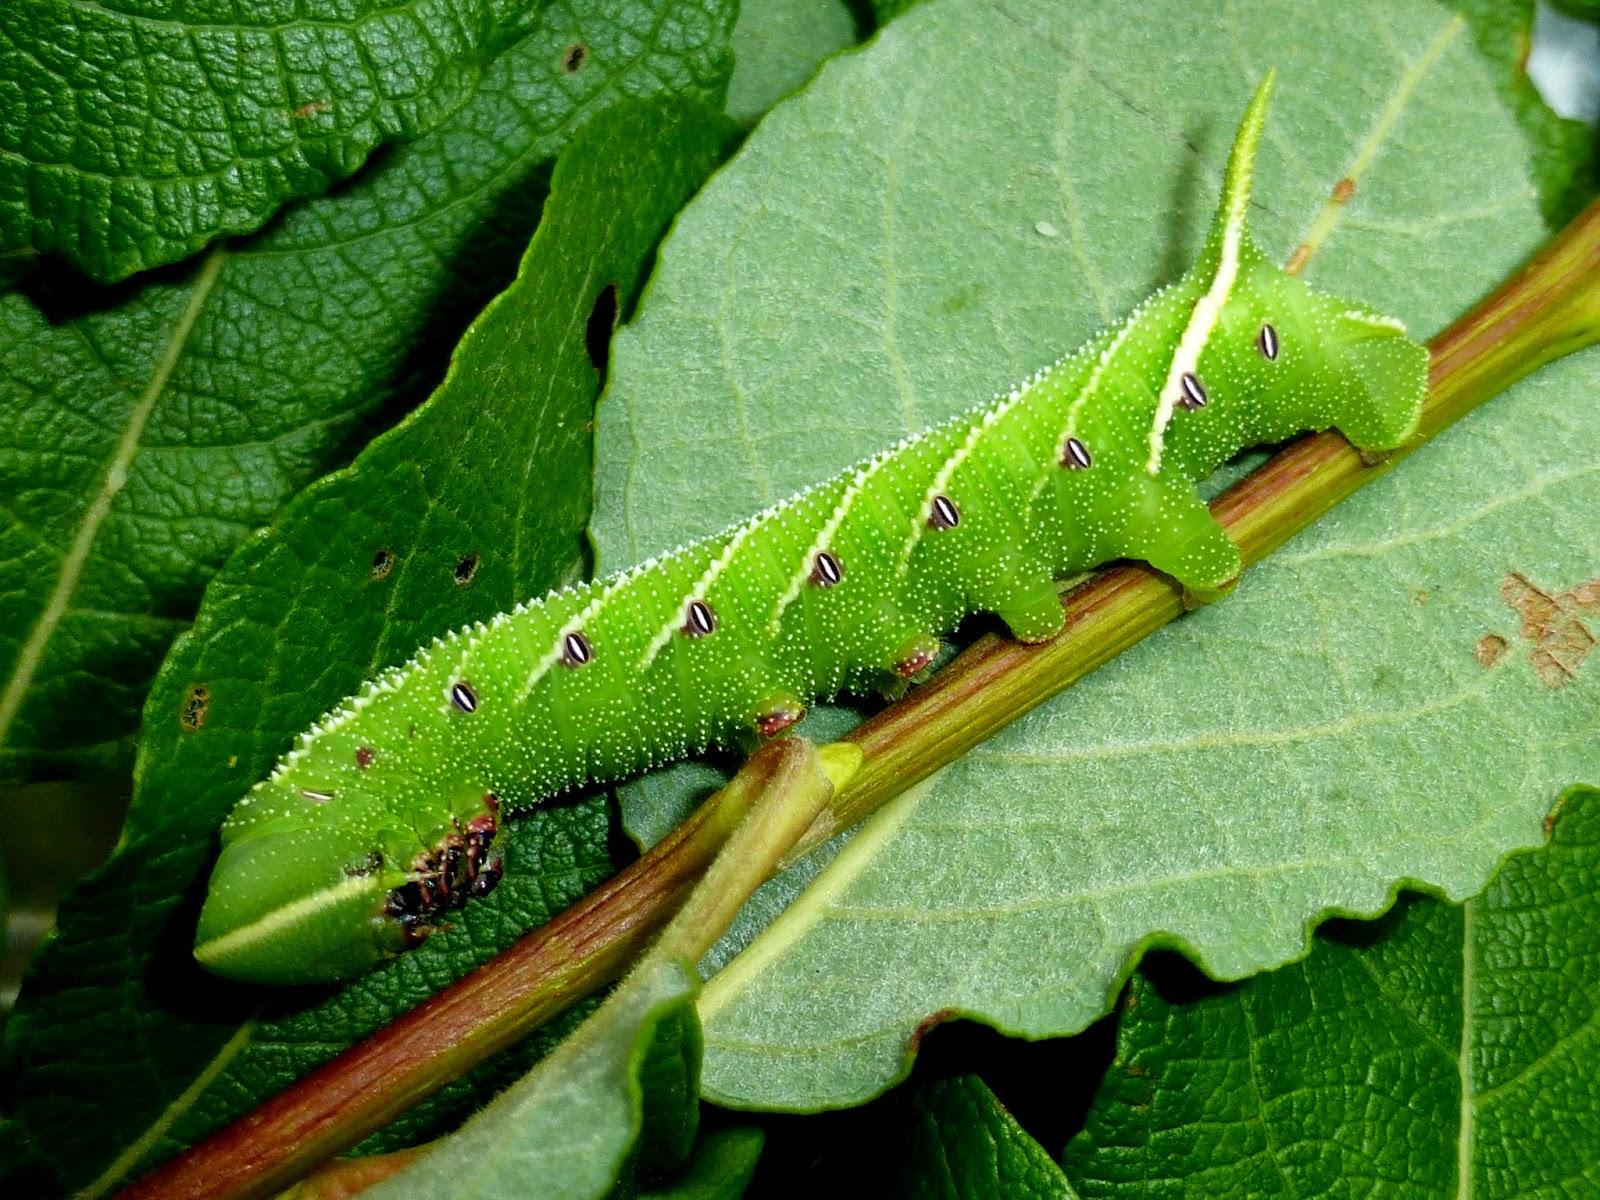 Smerinthus planus caterpillar